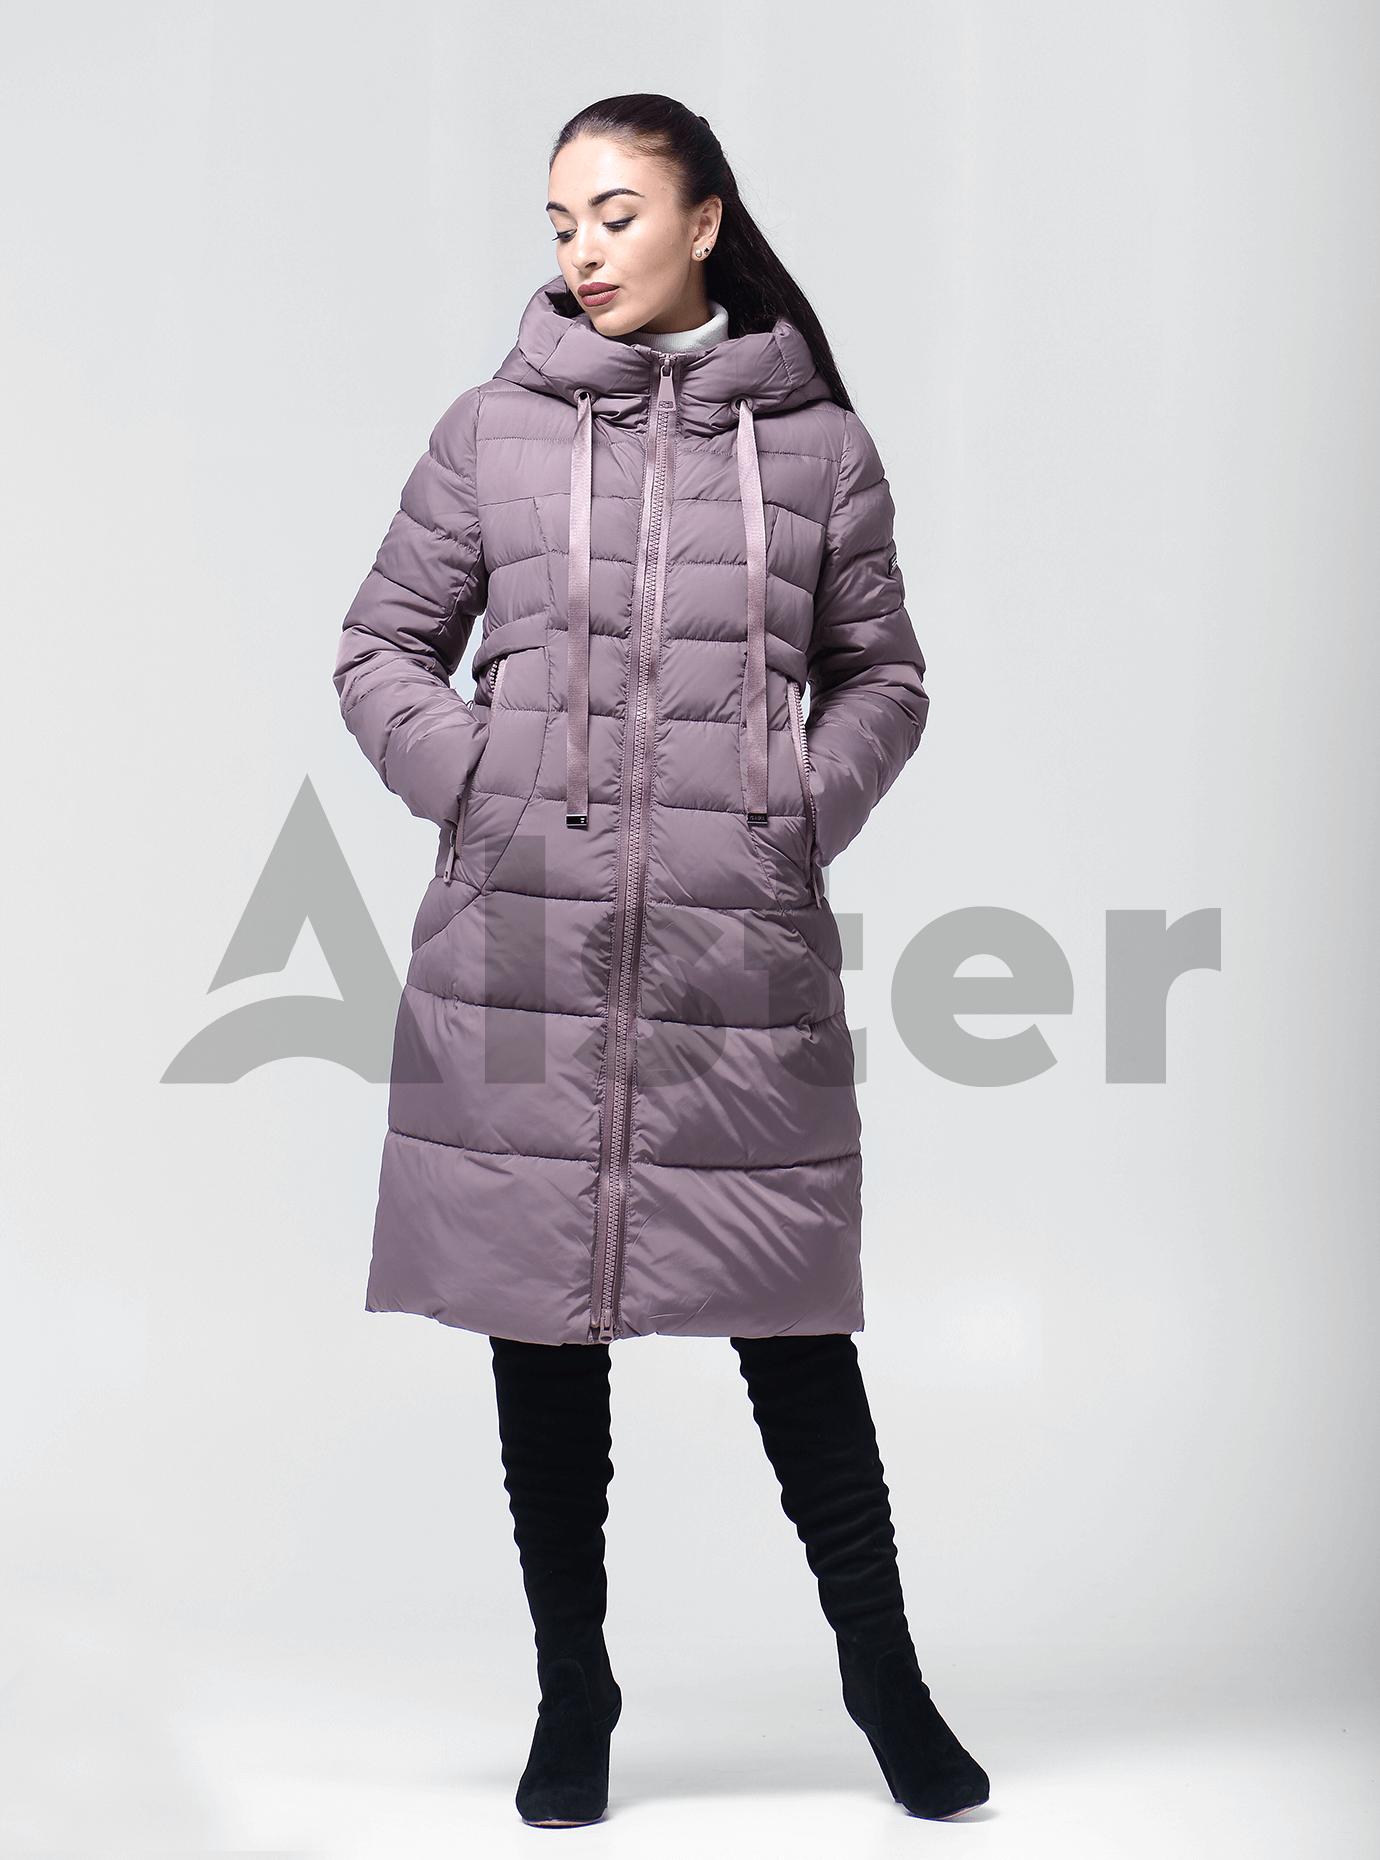 Пуховик женский с капюшоном Серо-бежевый XL (01-9043): фото - Alster.ua